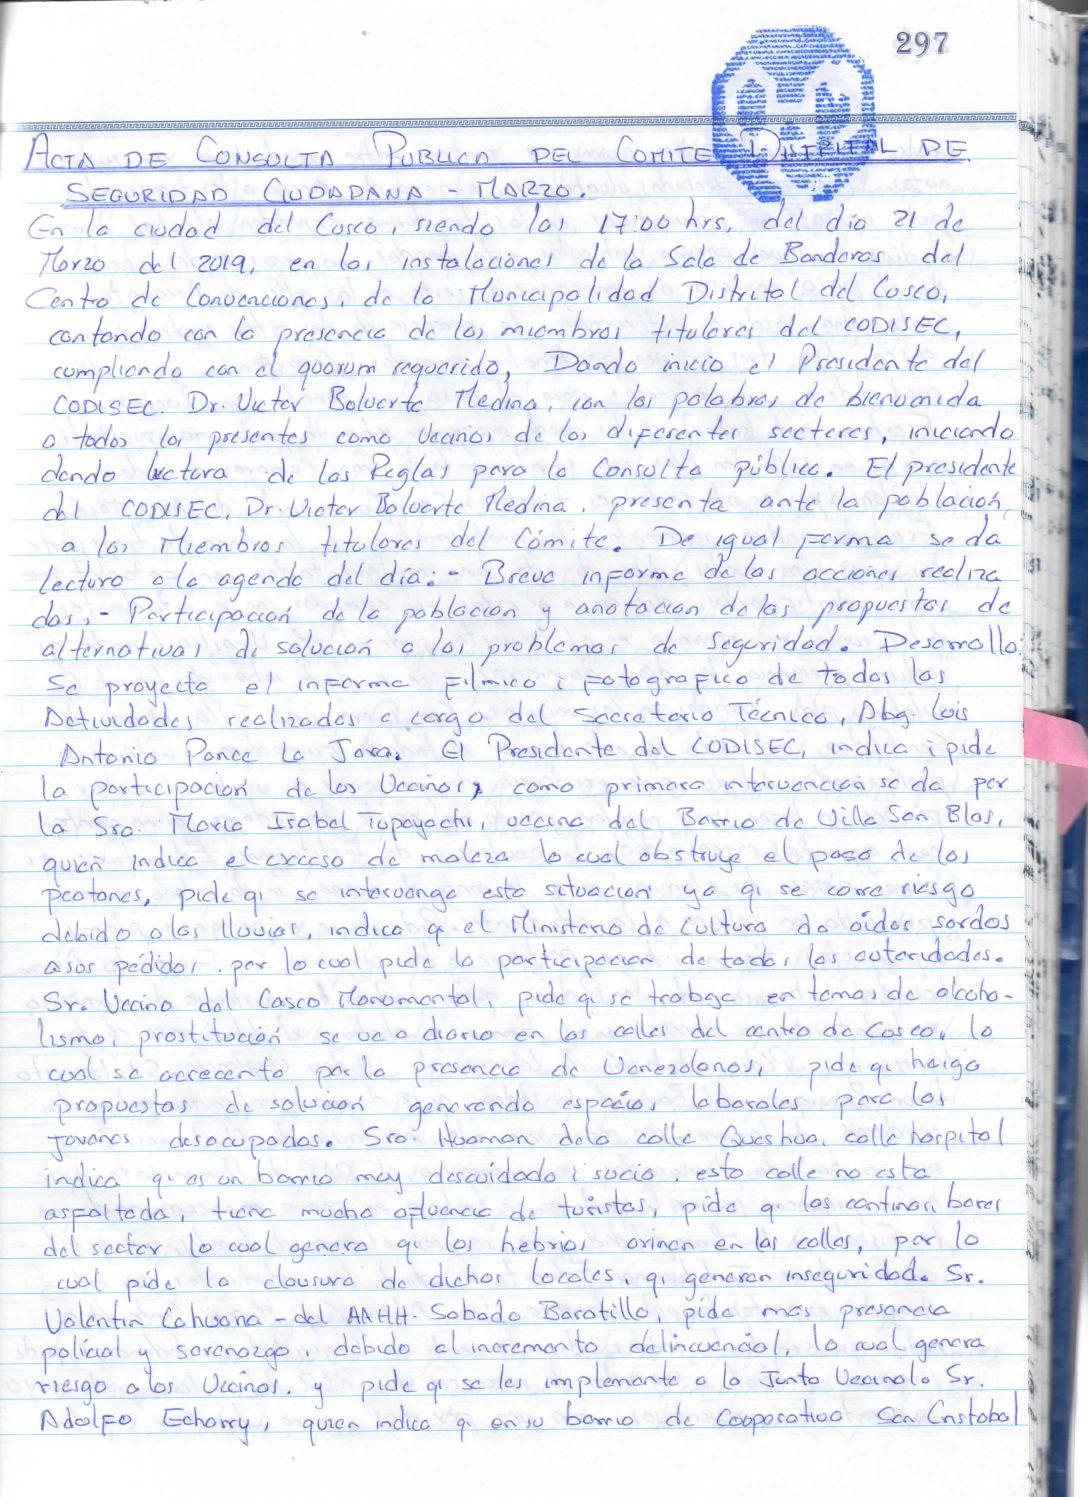 PRIMERA CONSULTA PUBLICA CODISEC CUSCO 2019